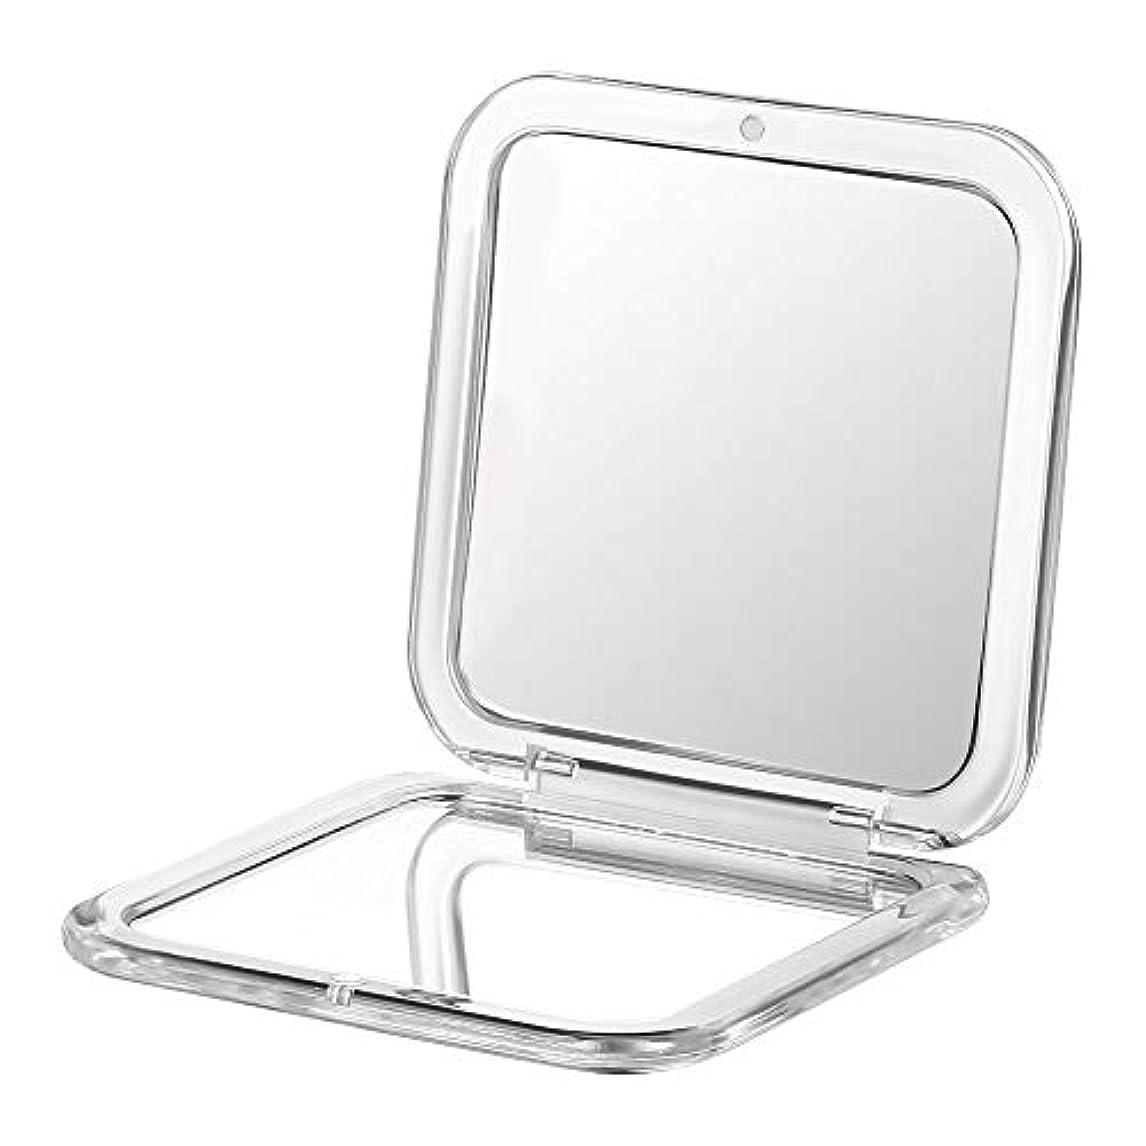 タイトル男性論争的コンパクト鏡 拡大鏡 両面コンパクトミラー 卓上 10倍 化粧鏡